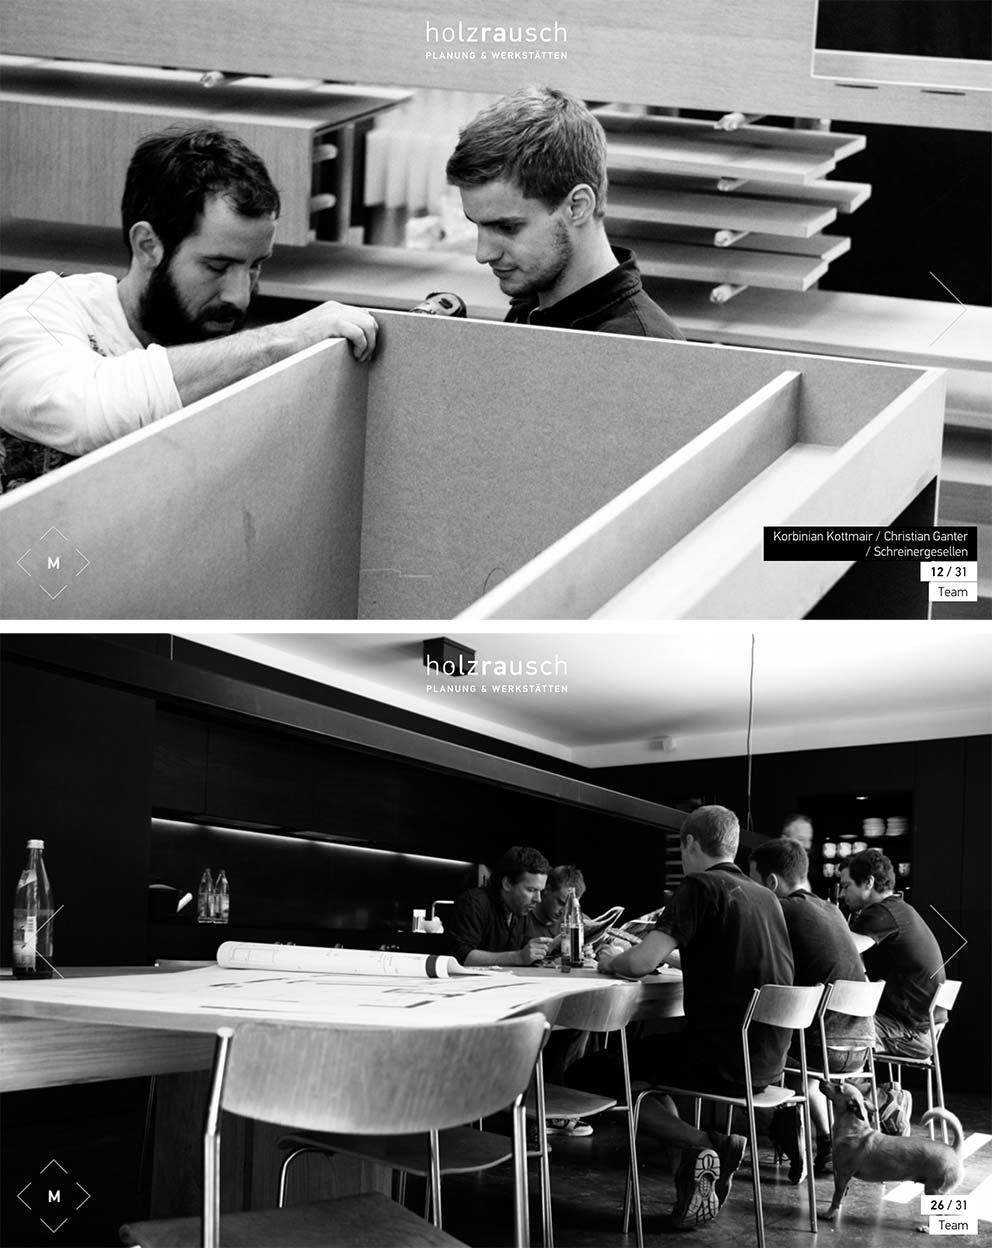 Authentisch und mitten drin - die Fotos auf der Team-Seite der Münchner Schreinerwerkstatt Holzrausch. bildQuelle: holzrausch